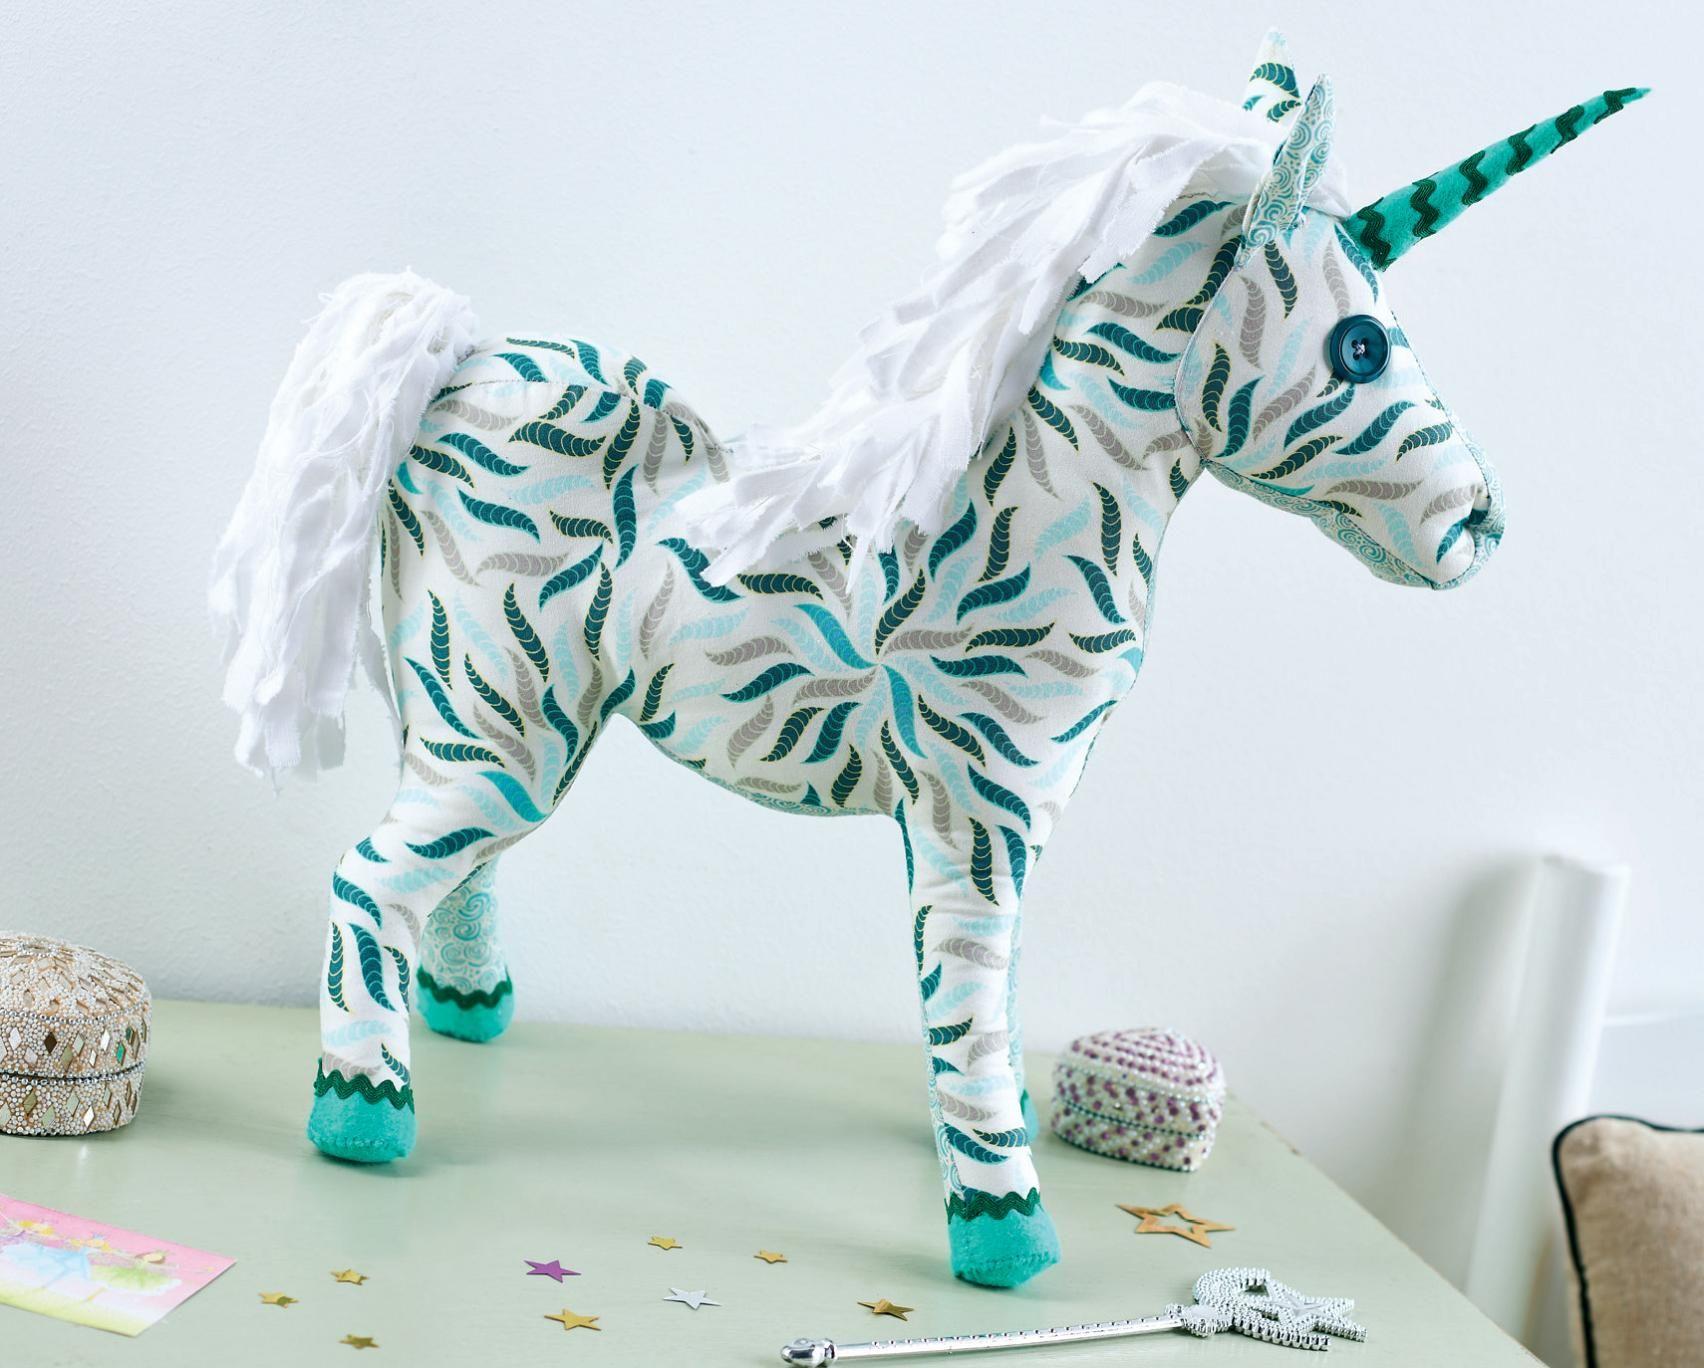 Fabric Unicorn - Stofftier Einhorn / Pferd nähen | New | Pinterest ...